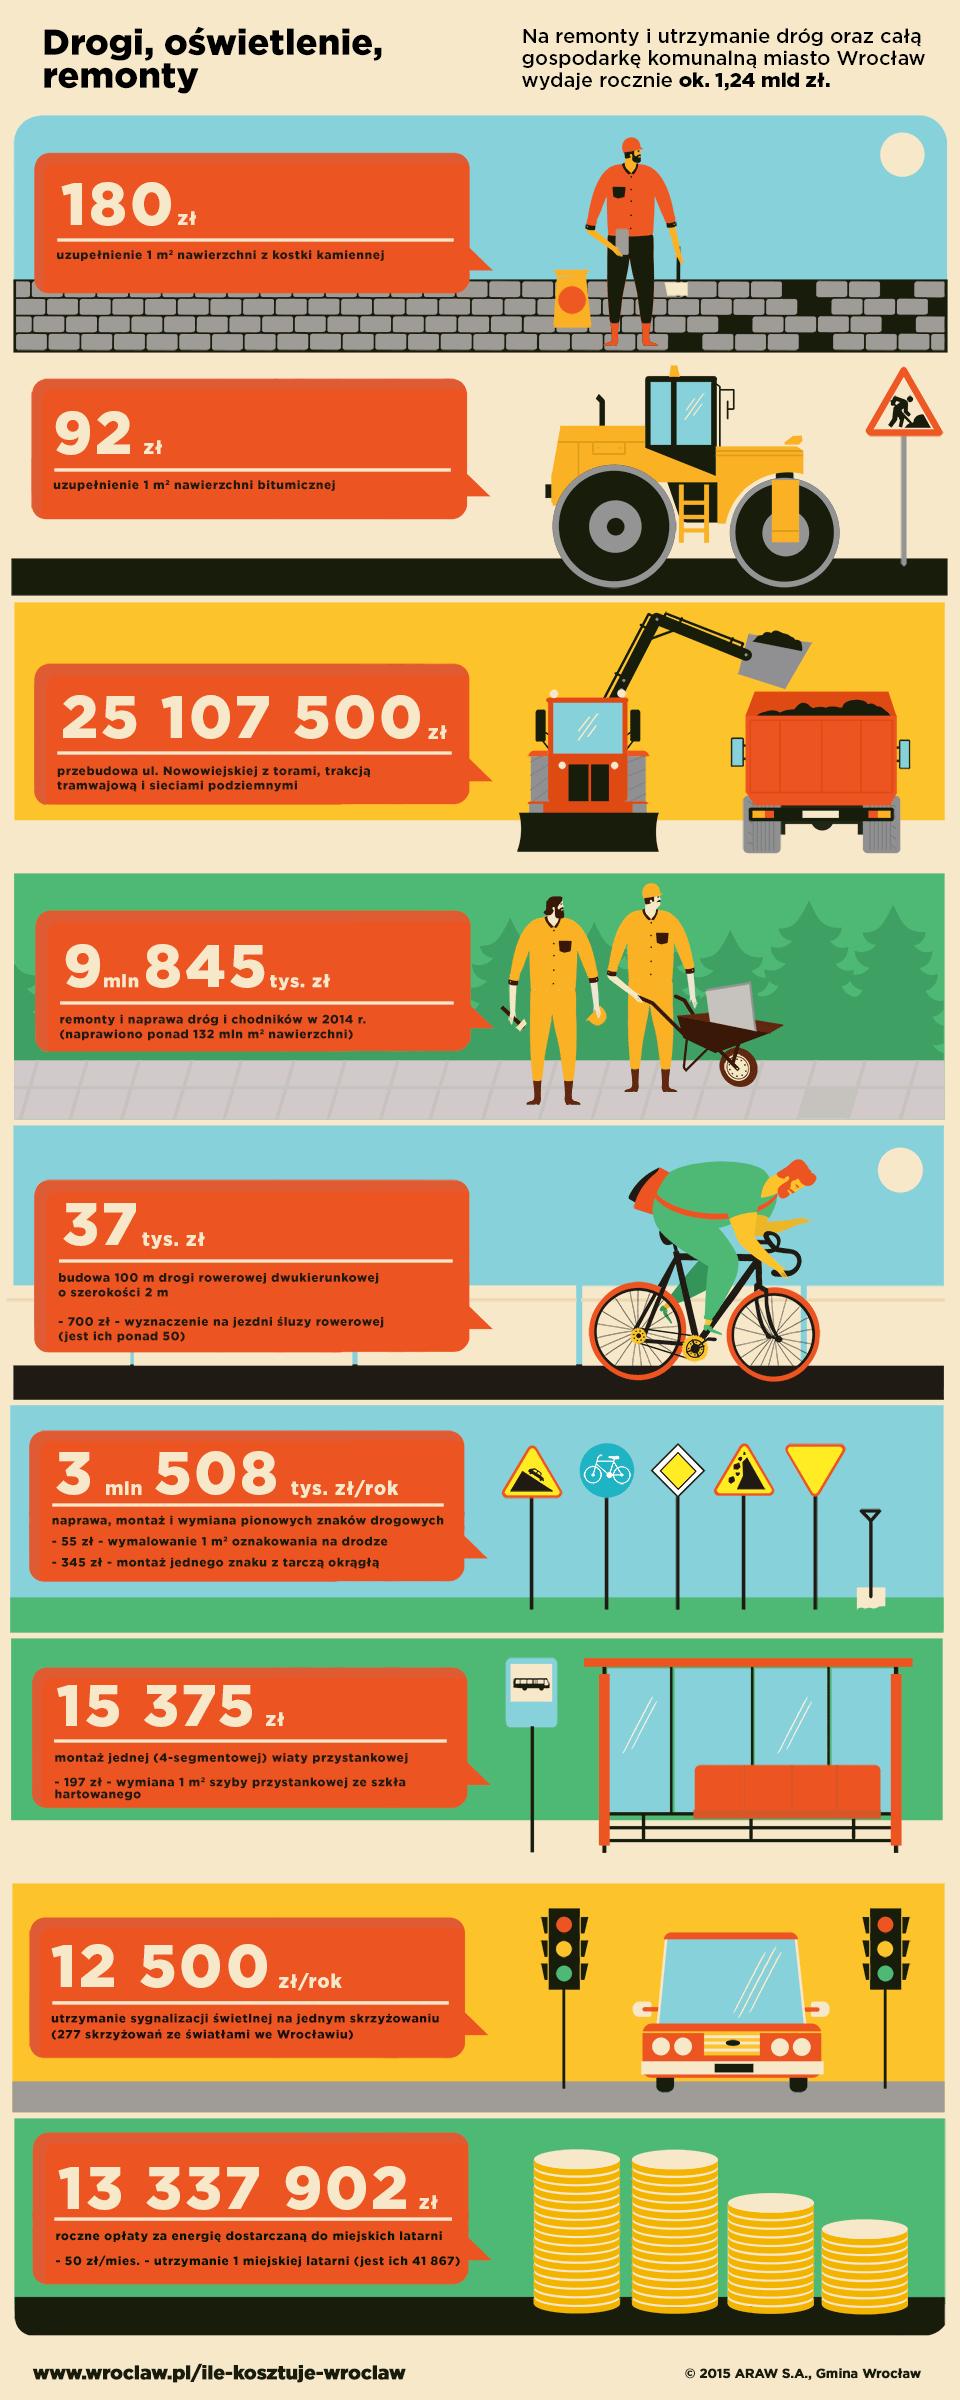 Gospodarka komunalna, transport, łączność ok. 1 mld 240 mln zł